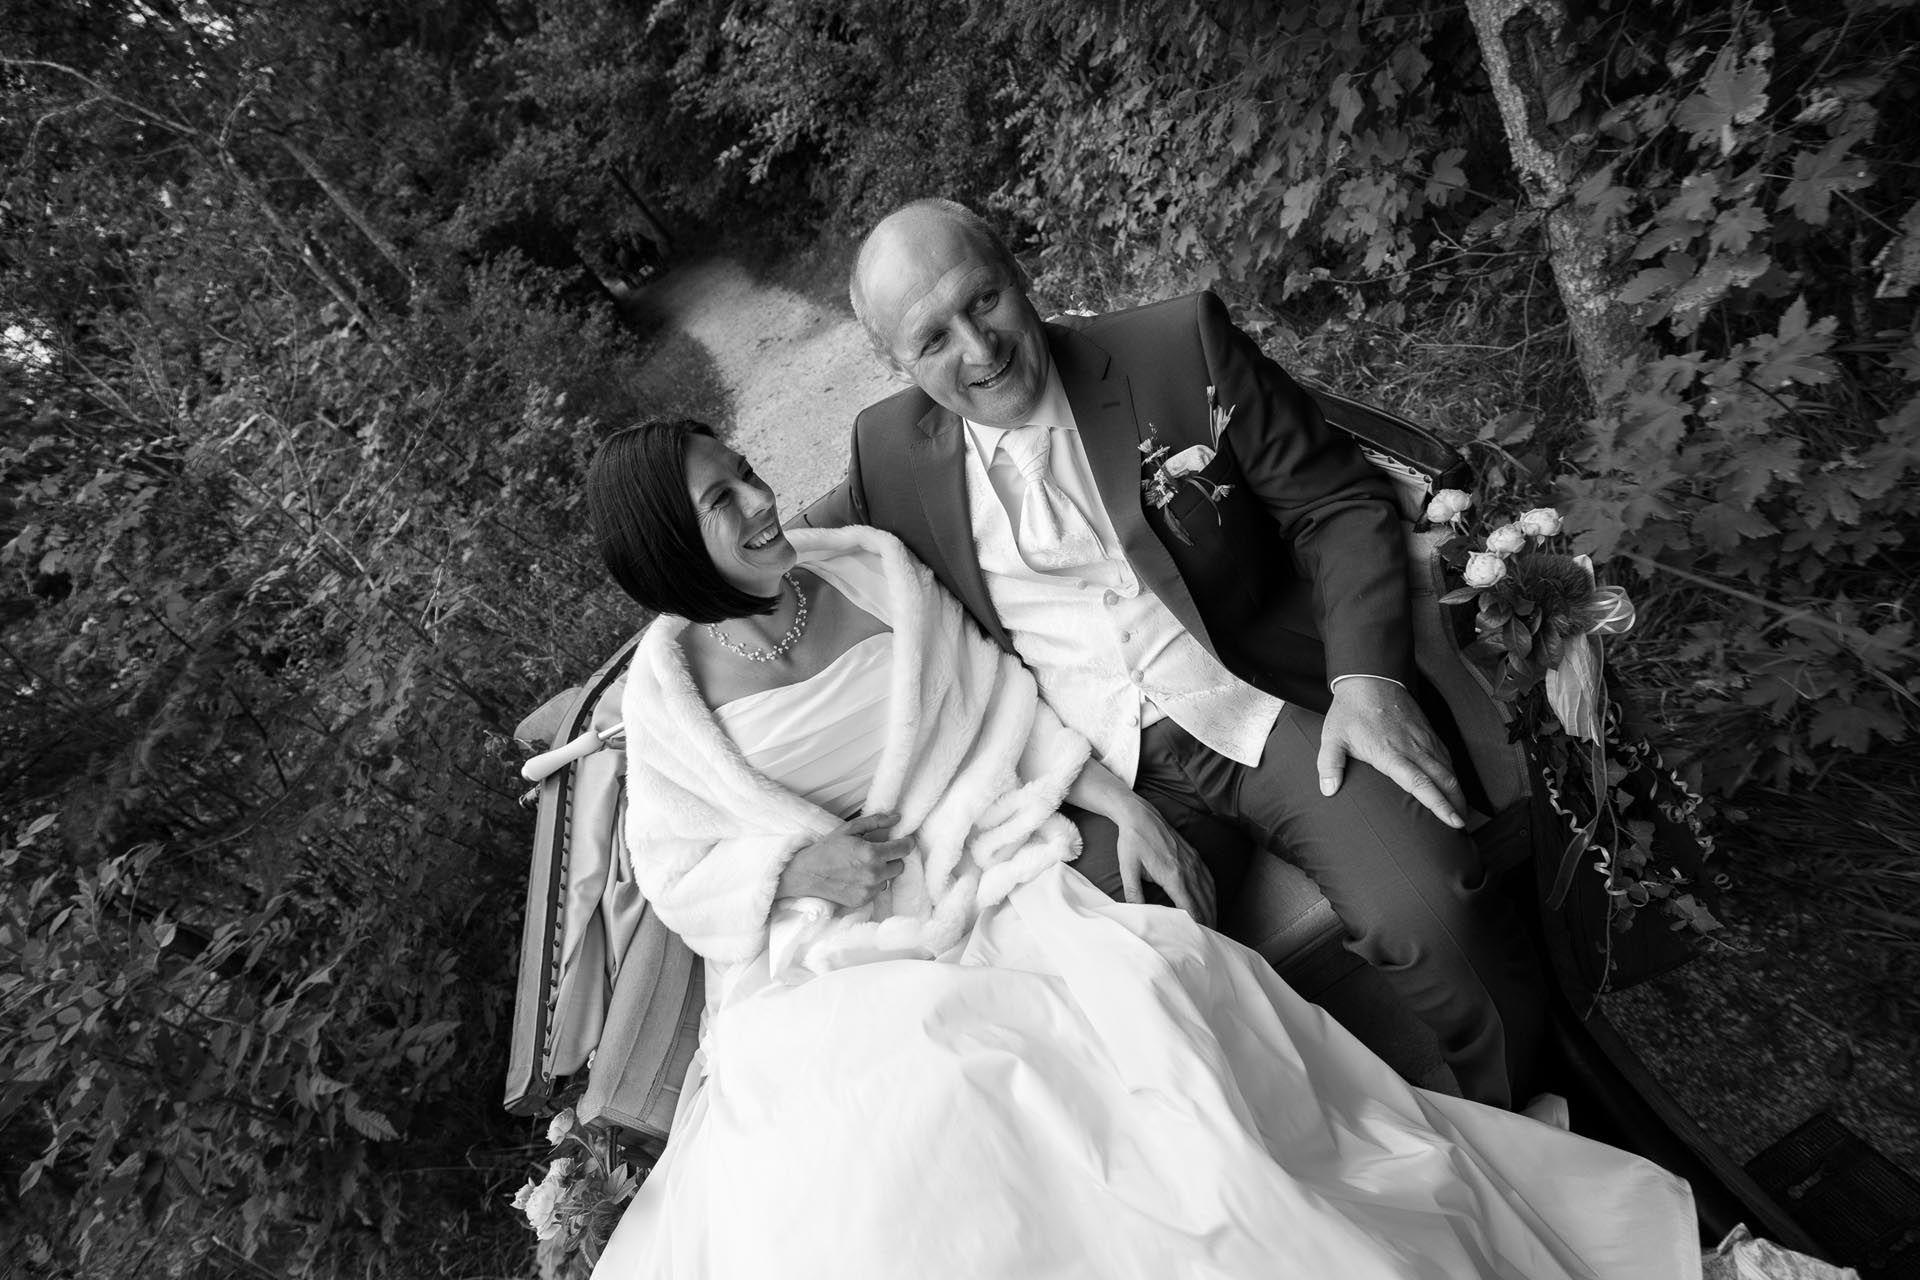 Karin & Sepp - Hochzeit in Hinterstoder